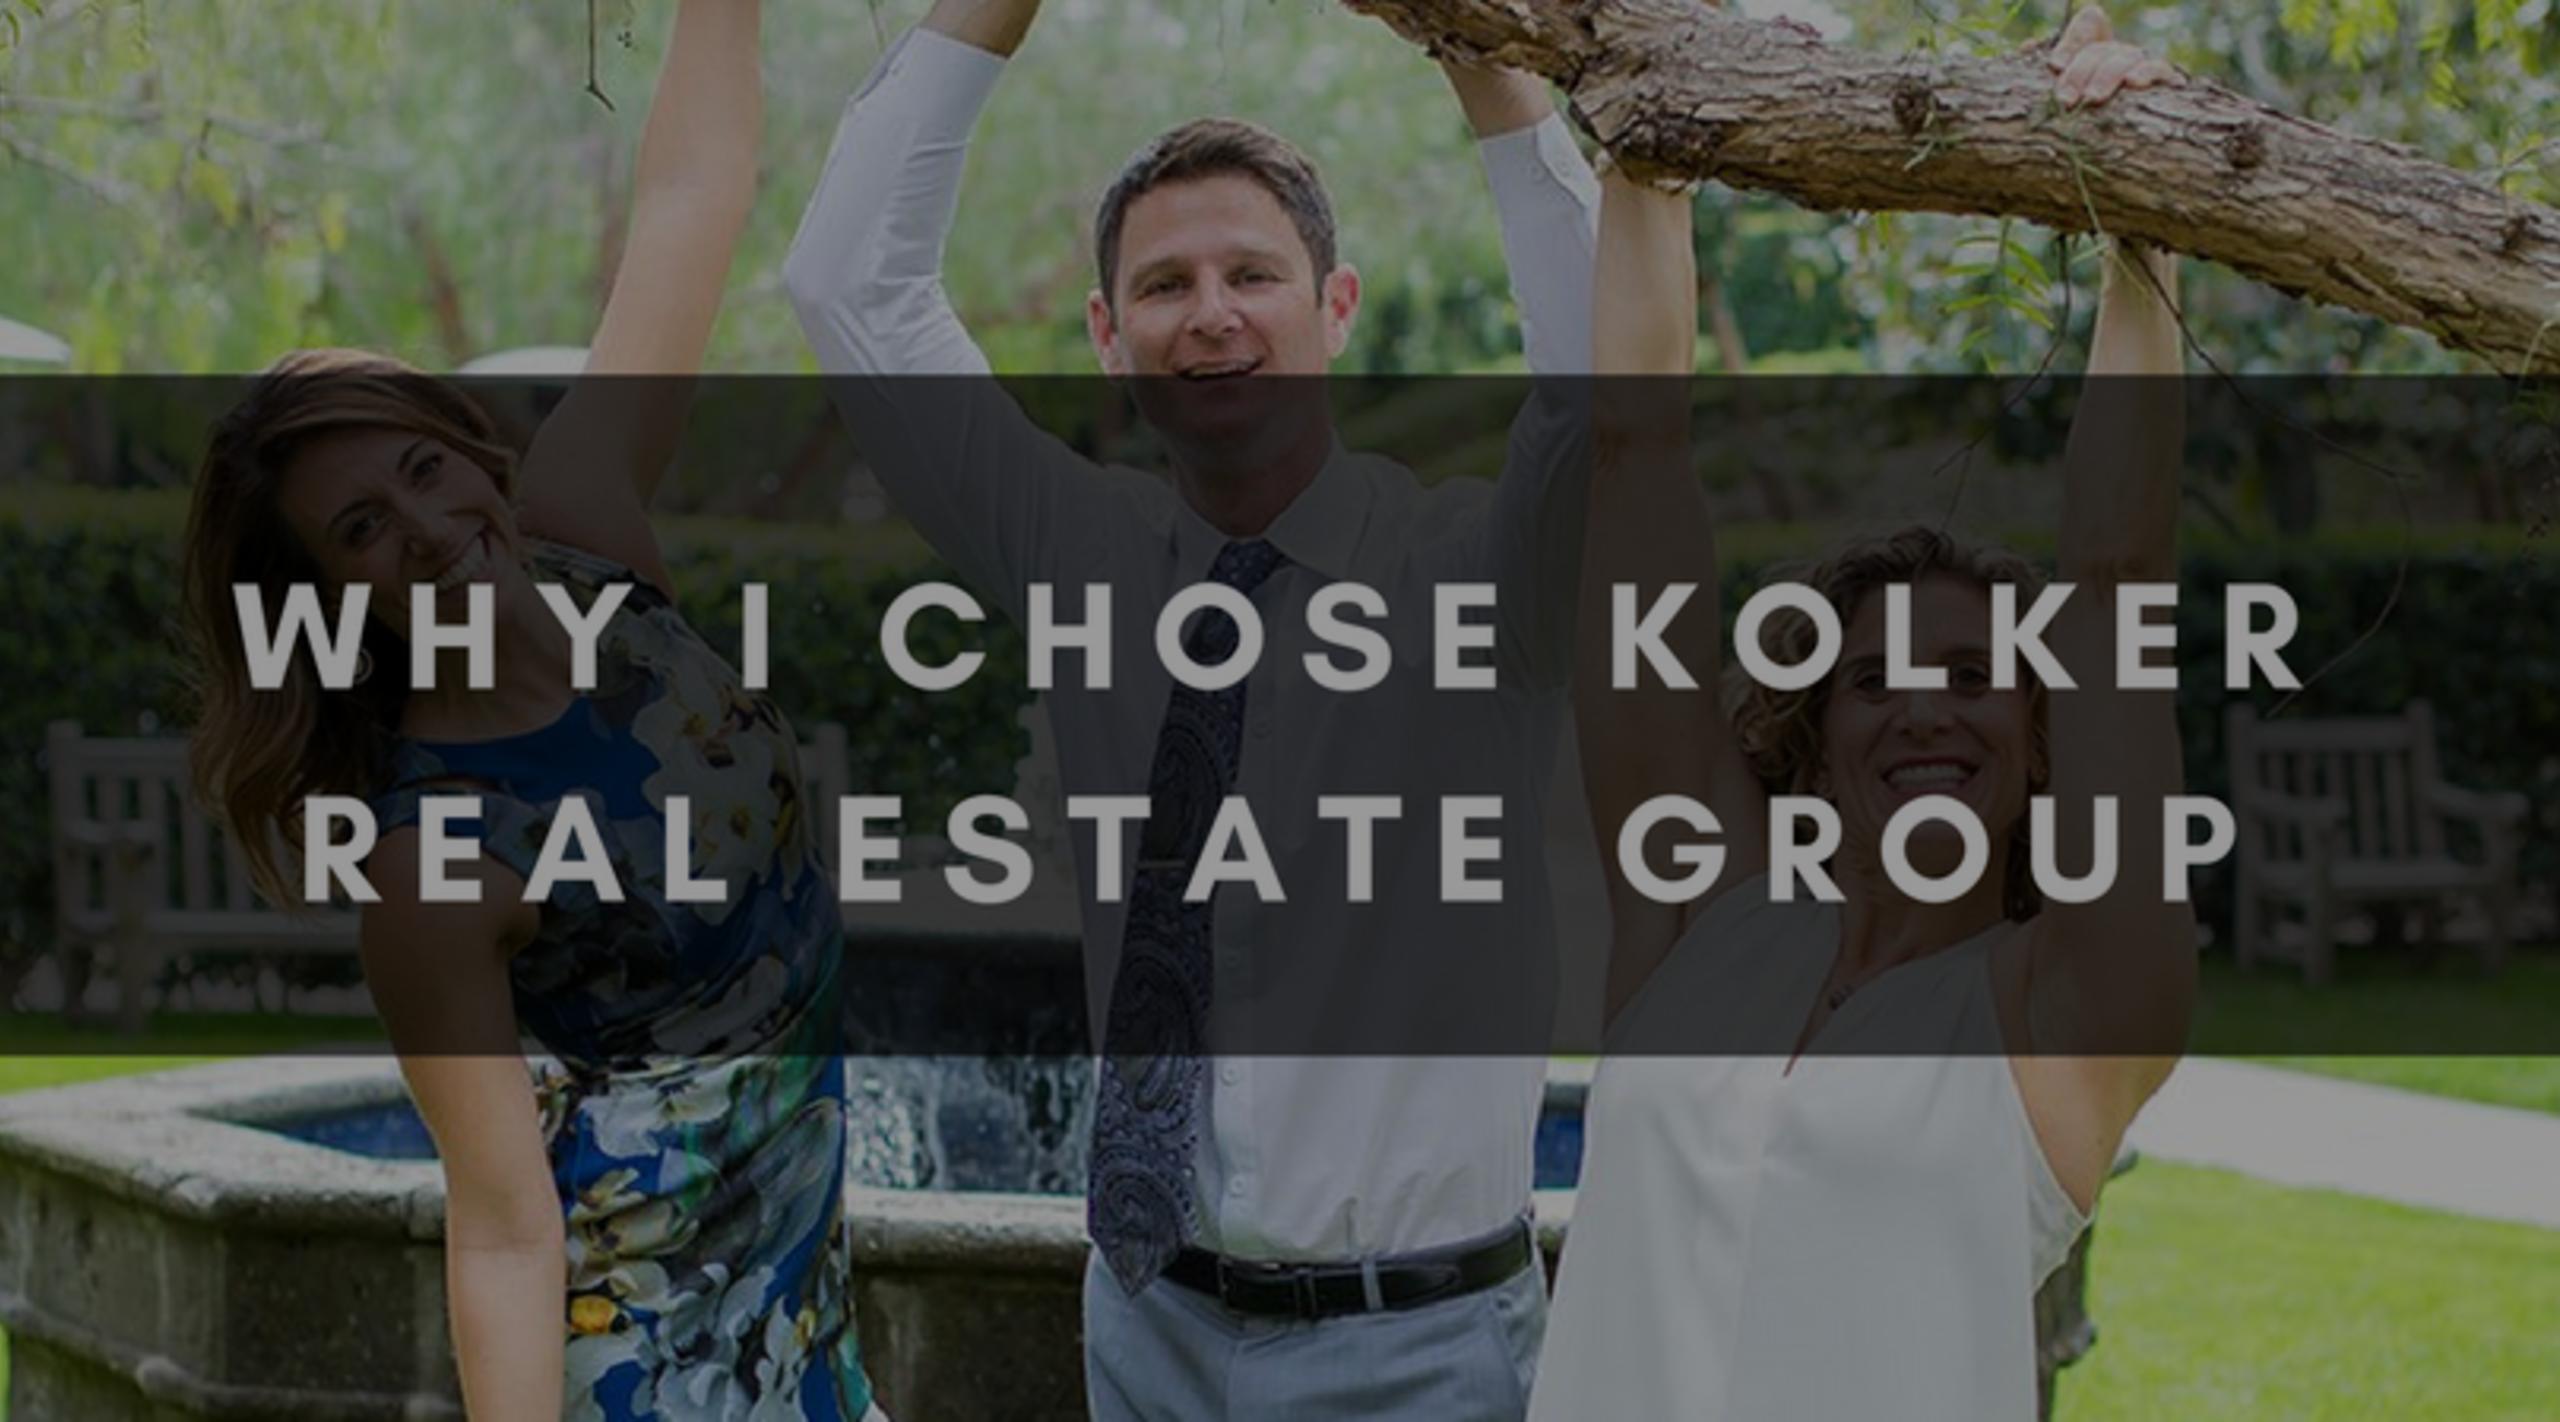 WHY I CHOSE KOLKER REAL ESTATE GROUP